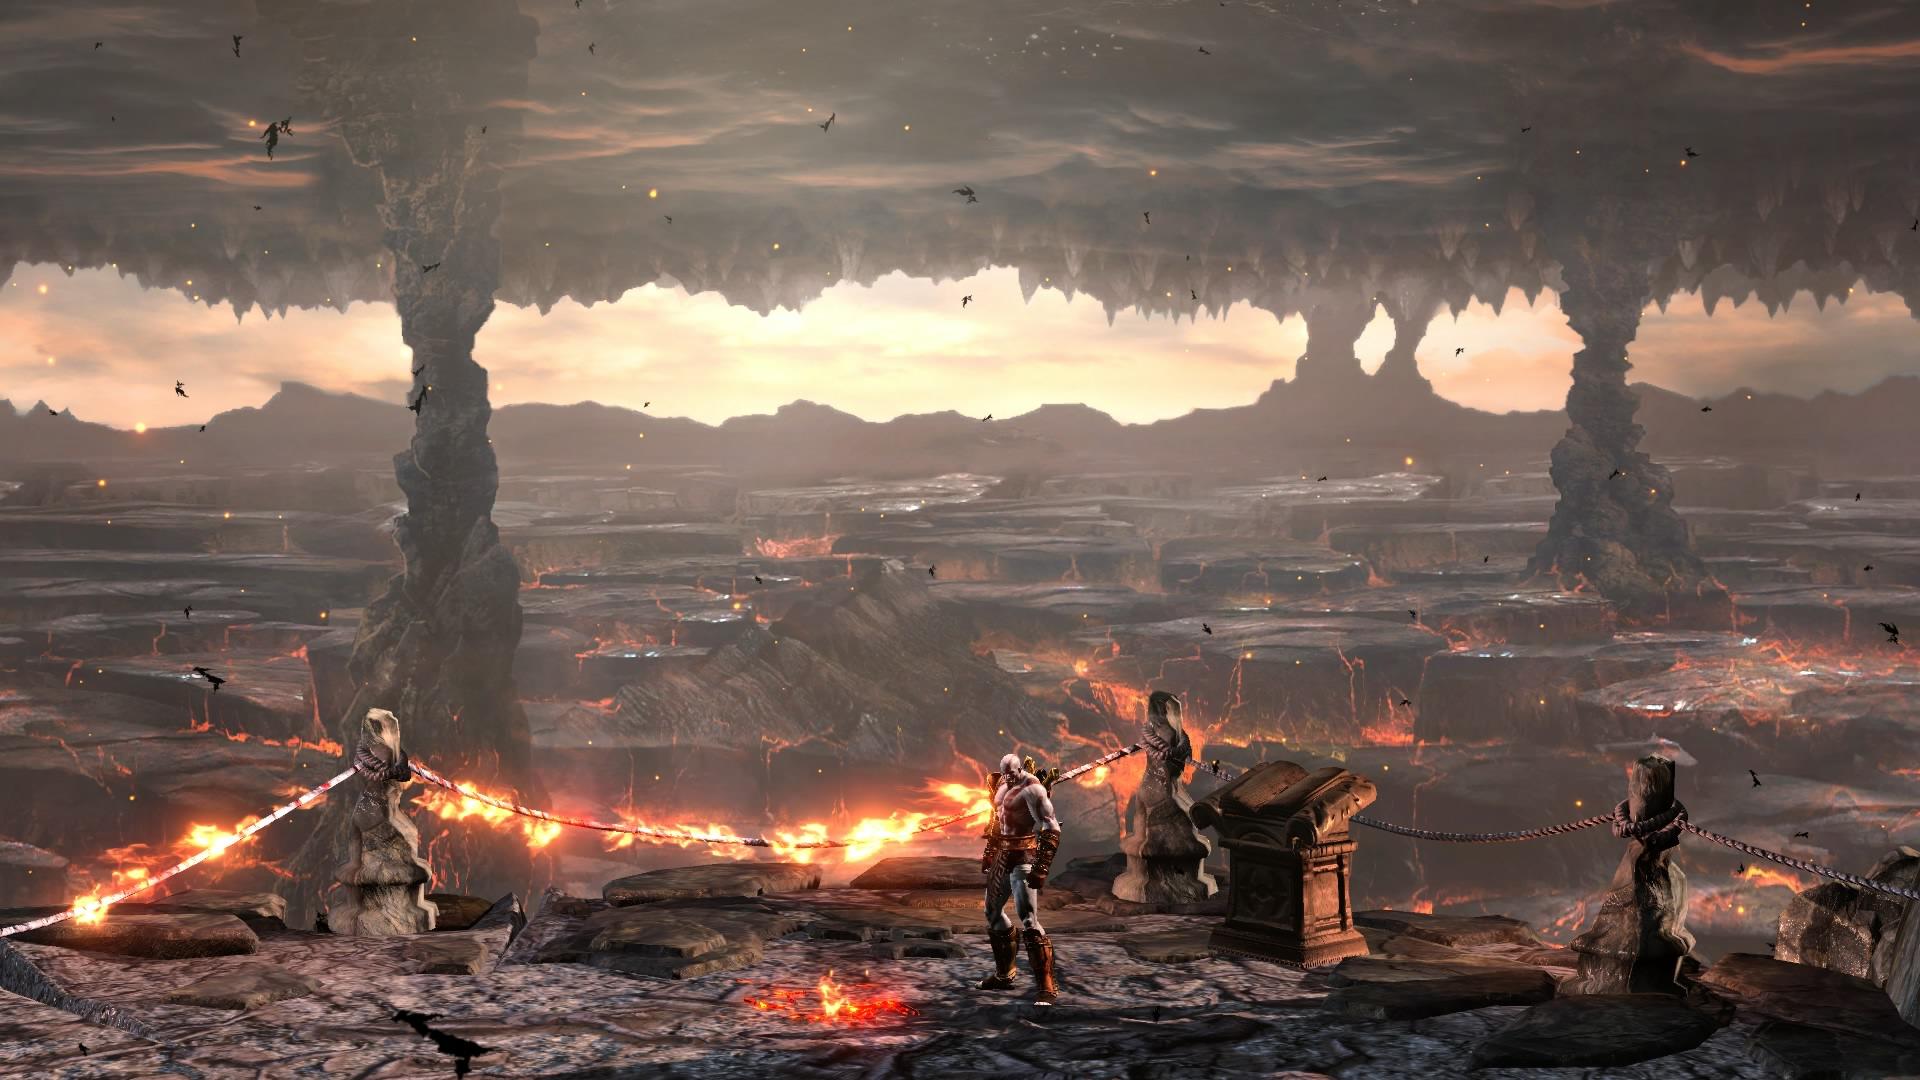 За что я люблю старого Бога Войны? Обзор God of War III (18+). - Изображение 7